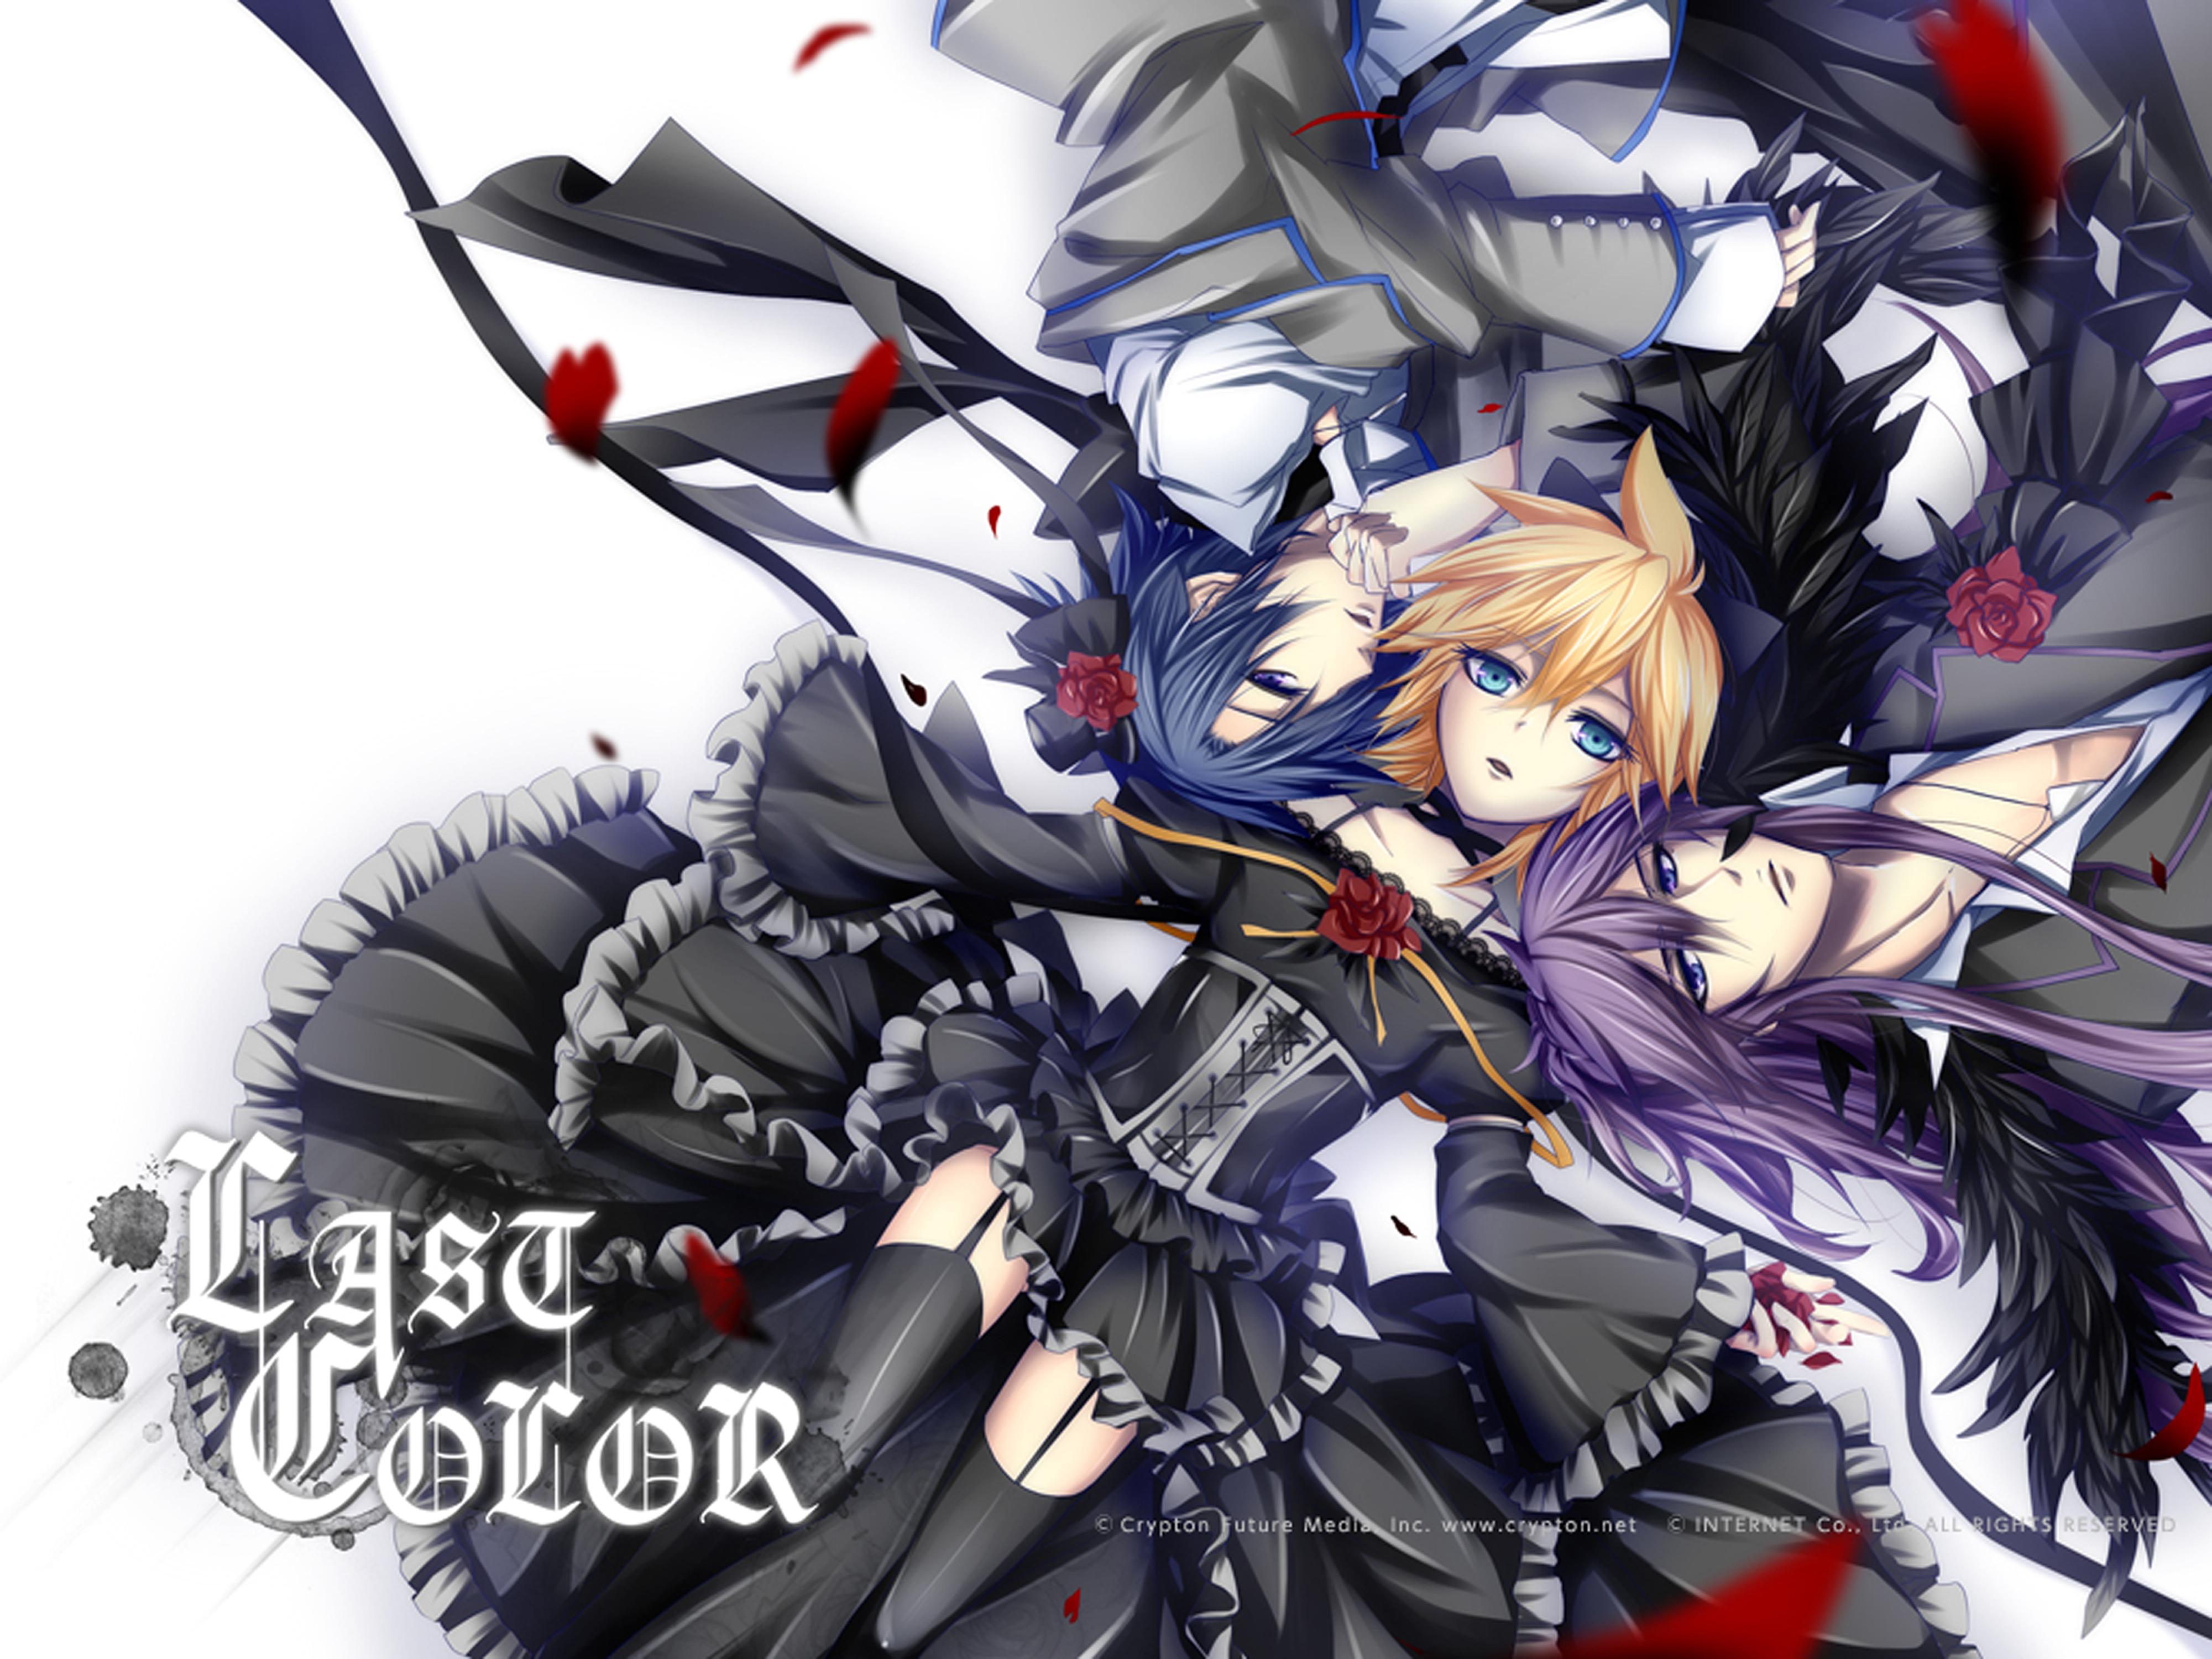 VanaN'Ice - Natsu-p - Image #1294305 - Zerochan Anime